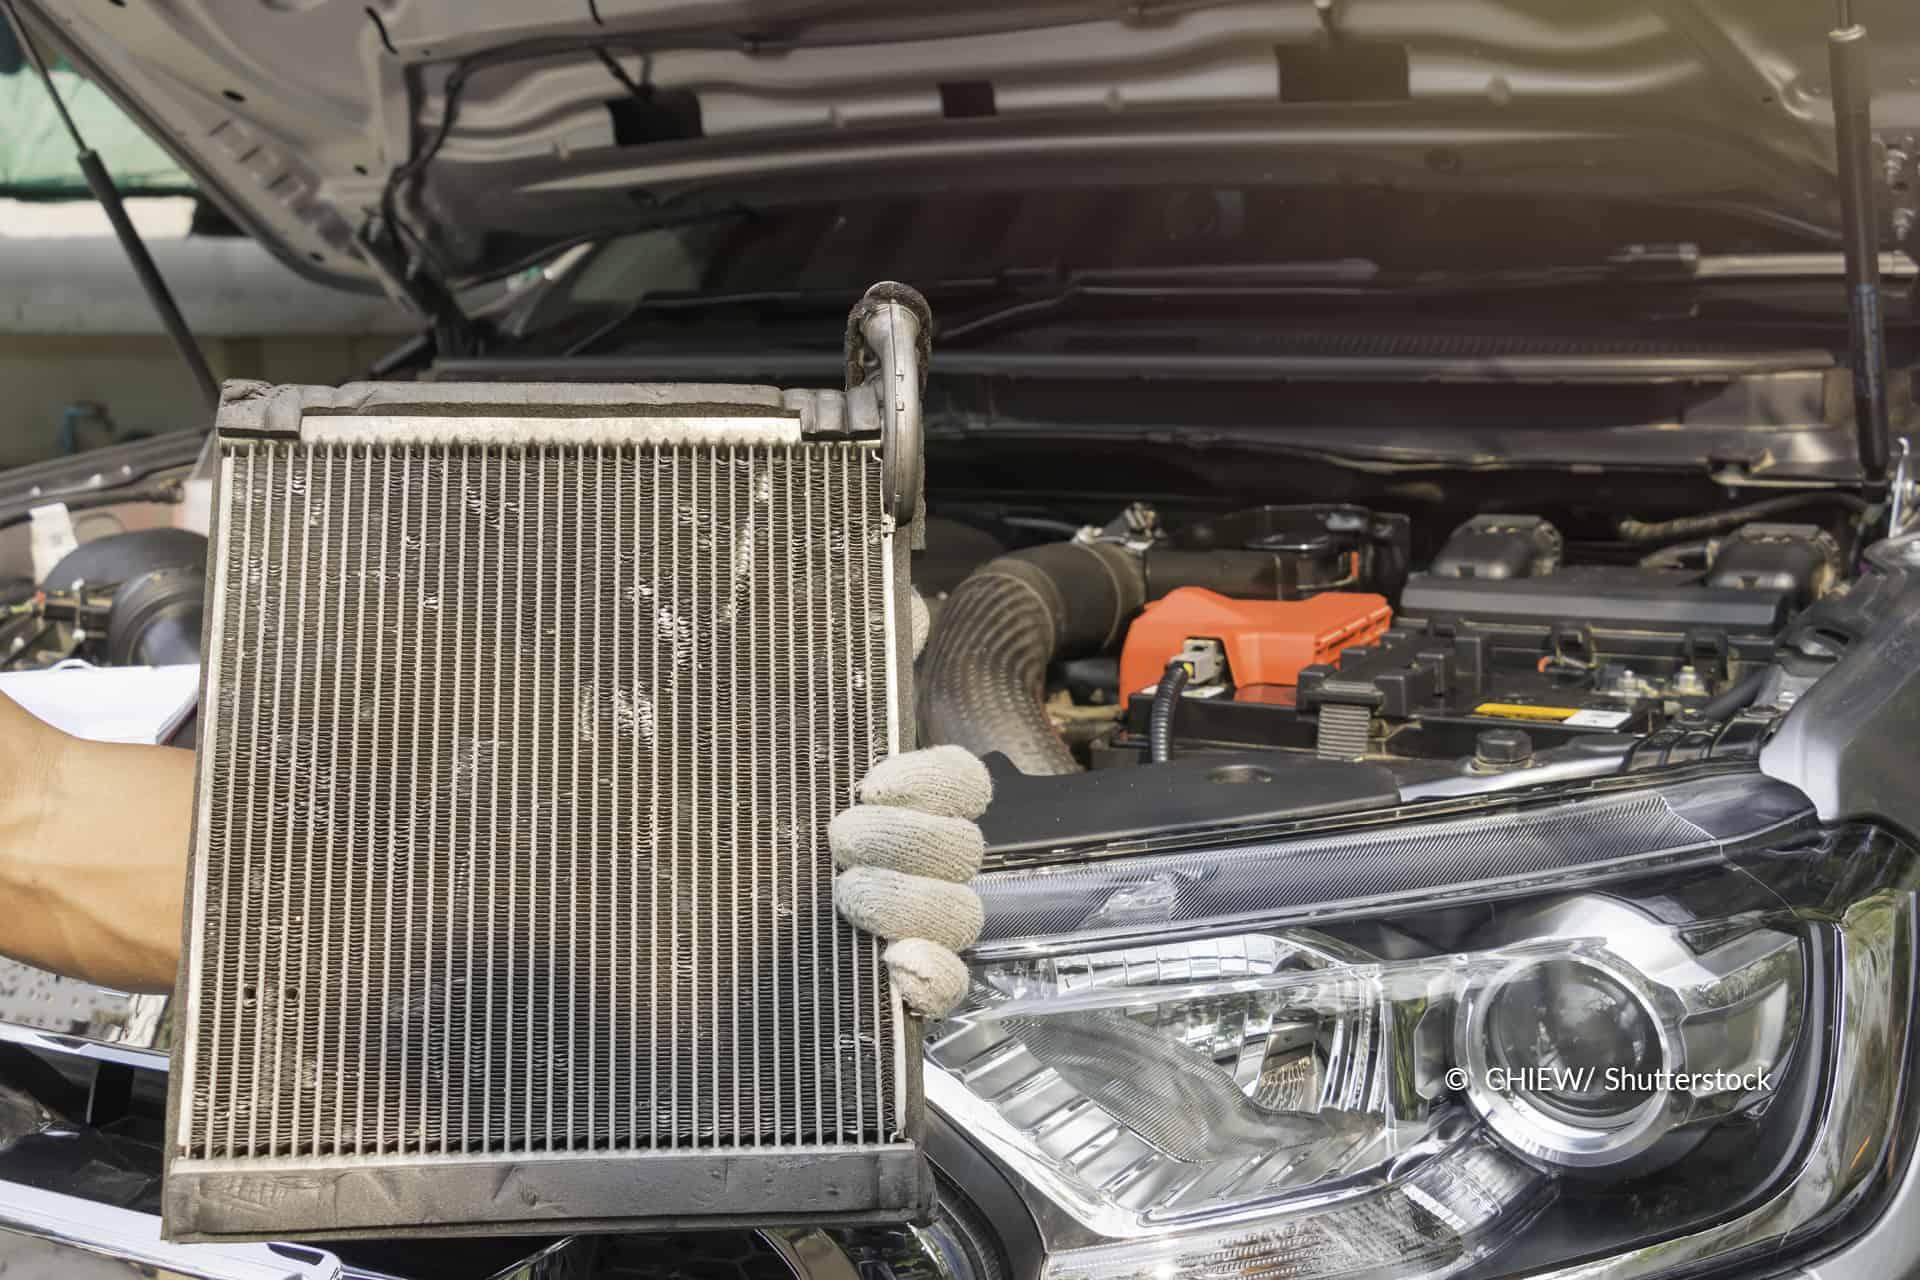 Comment nettoyer le radiateur de sa voiture?